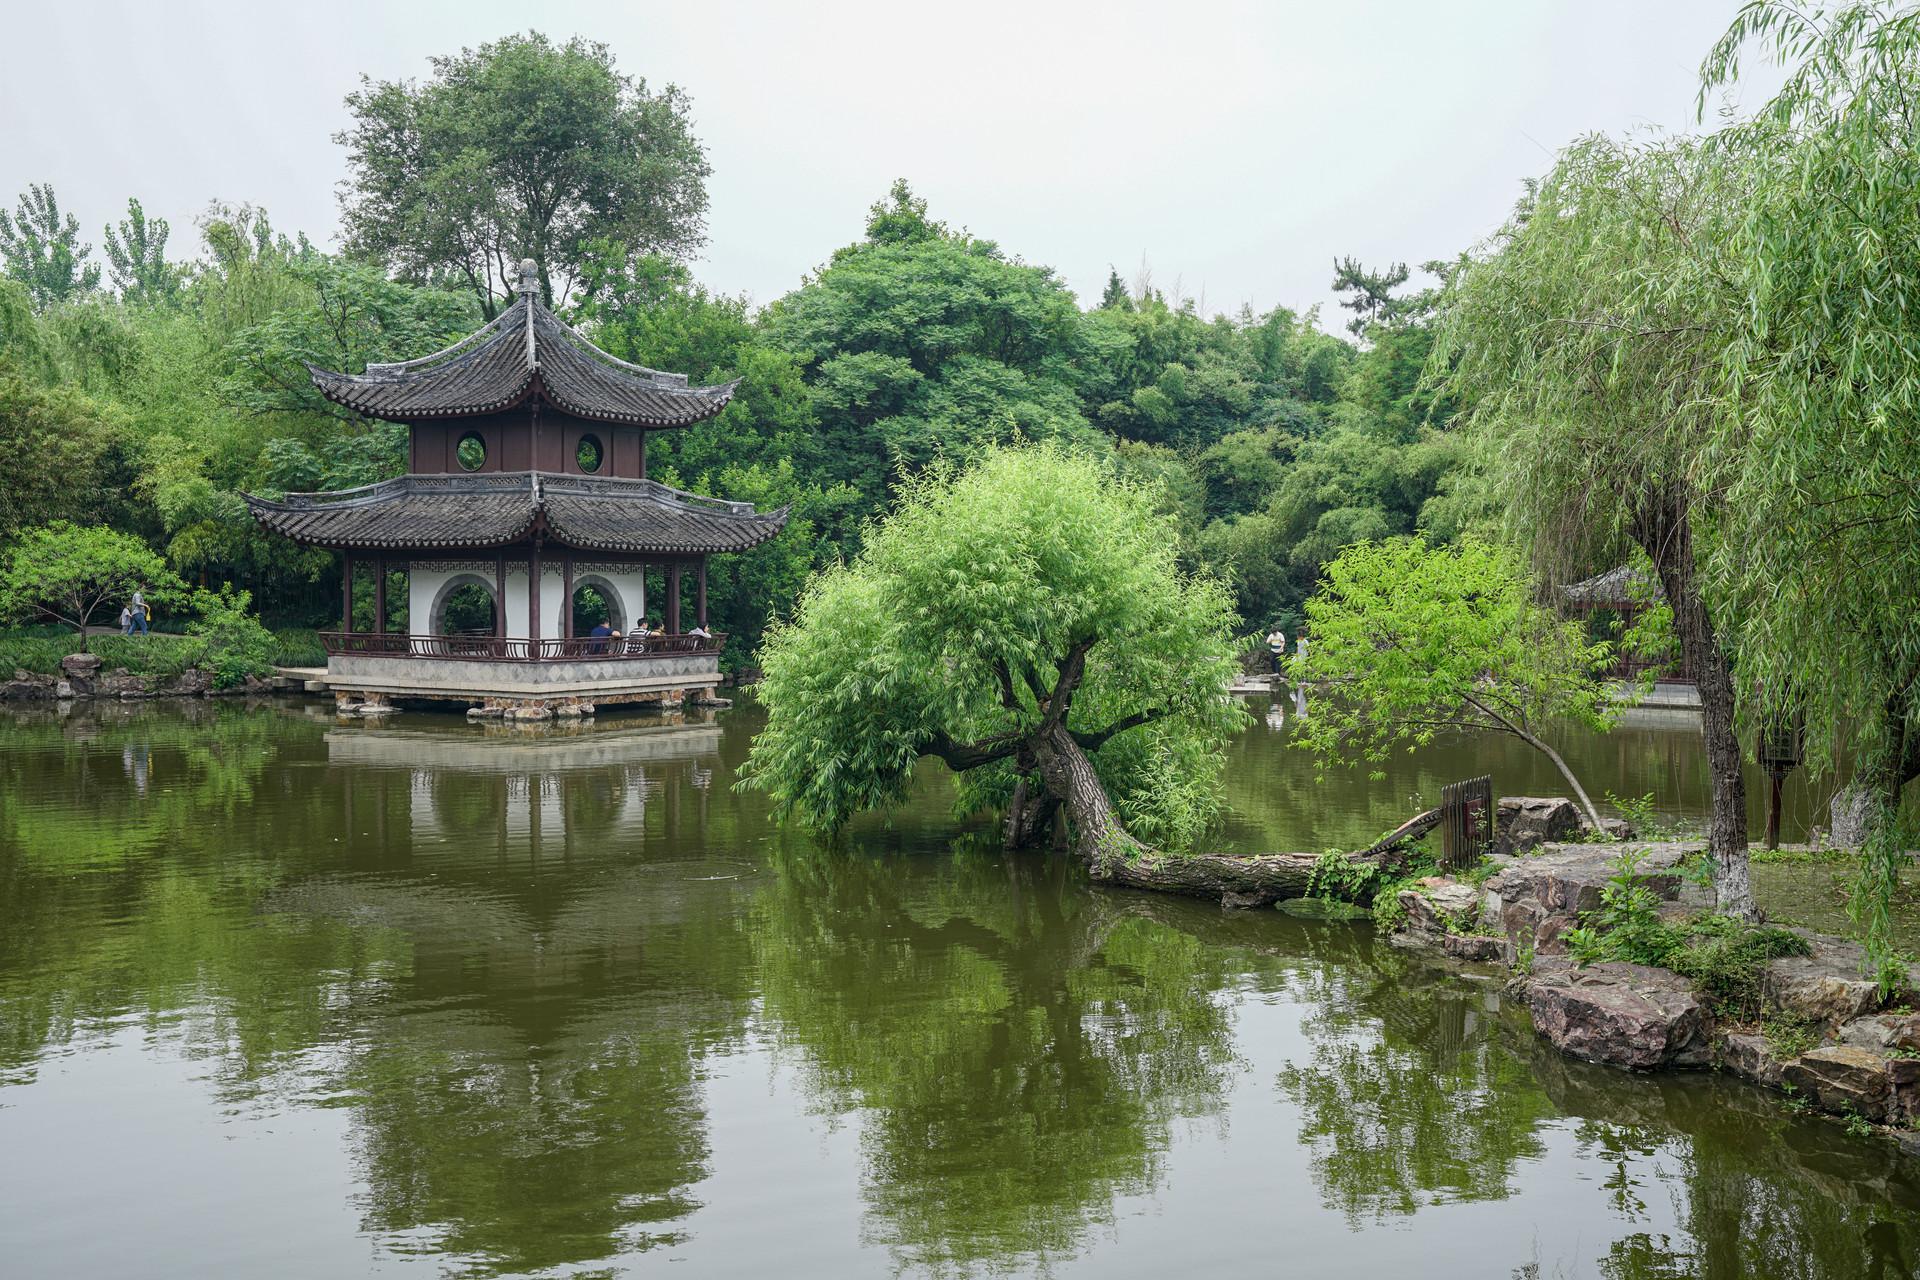 江苏如皋也有一座知名园林,秦淮八艳之一董小宛曾居住于此